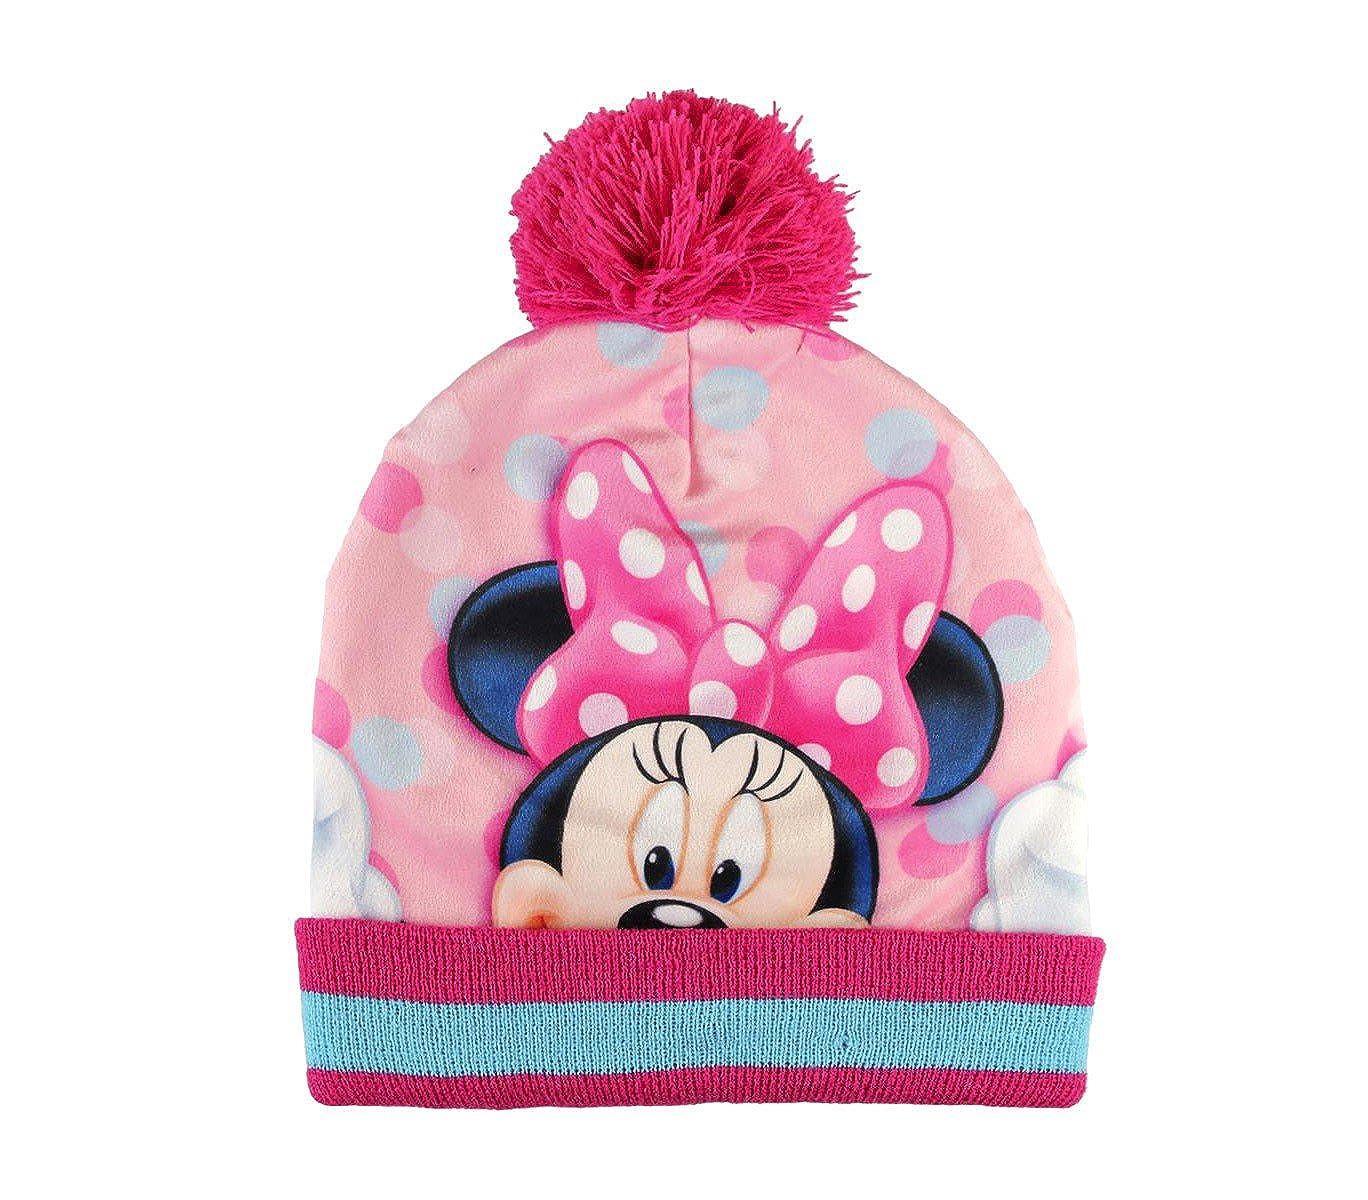 MEDIA WAVE store Completo 3 pz per bambini inverno Minnie 2200002550 cappello guanti e pashmina